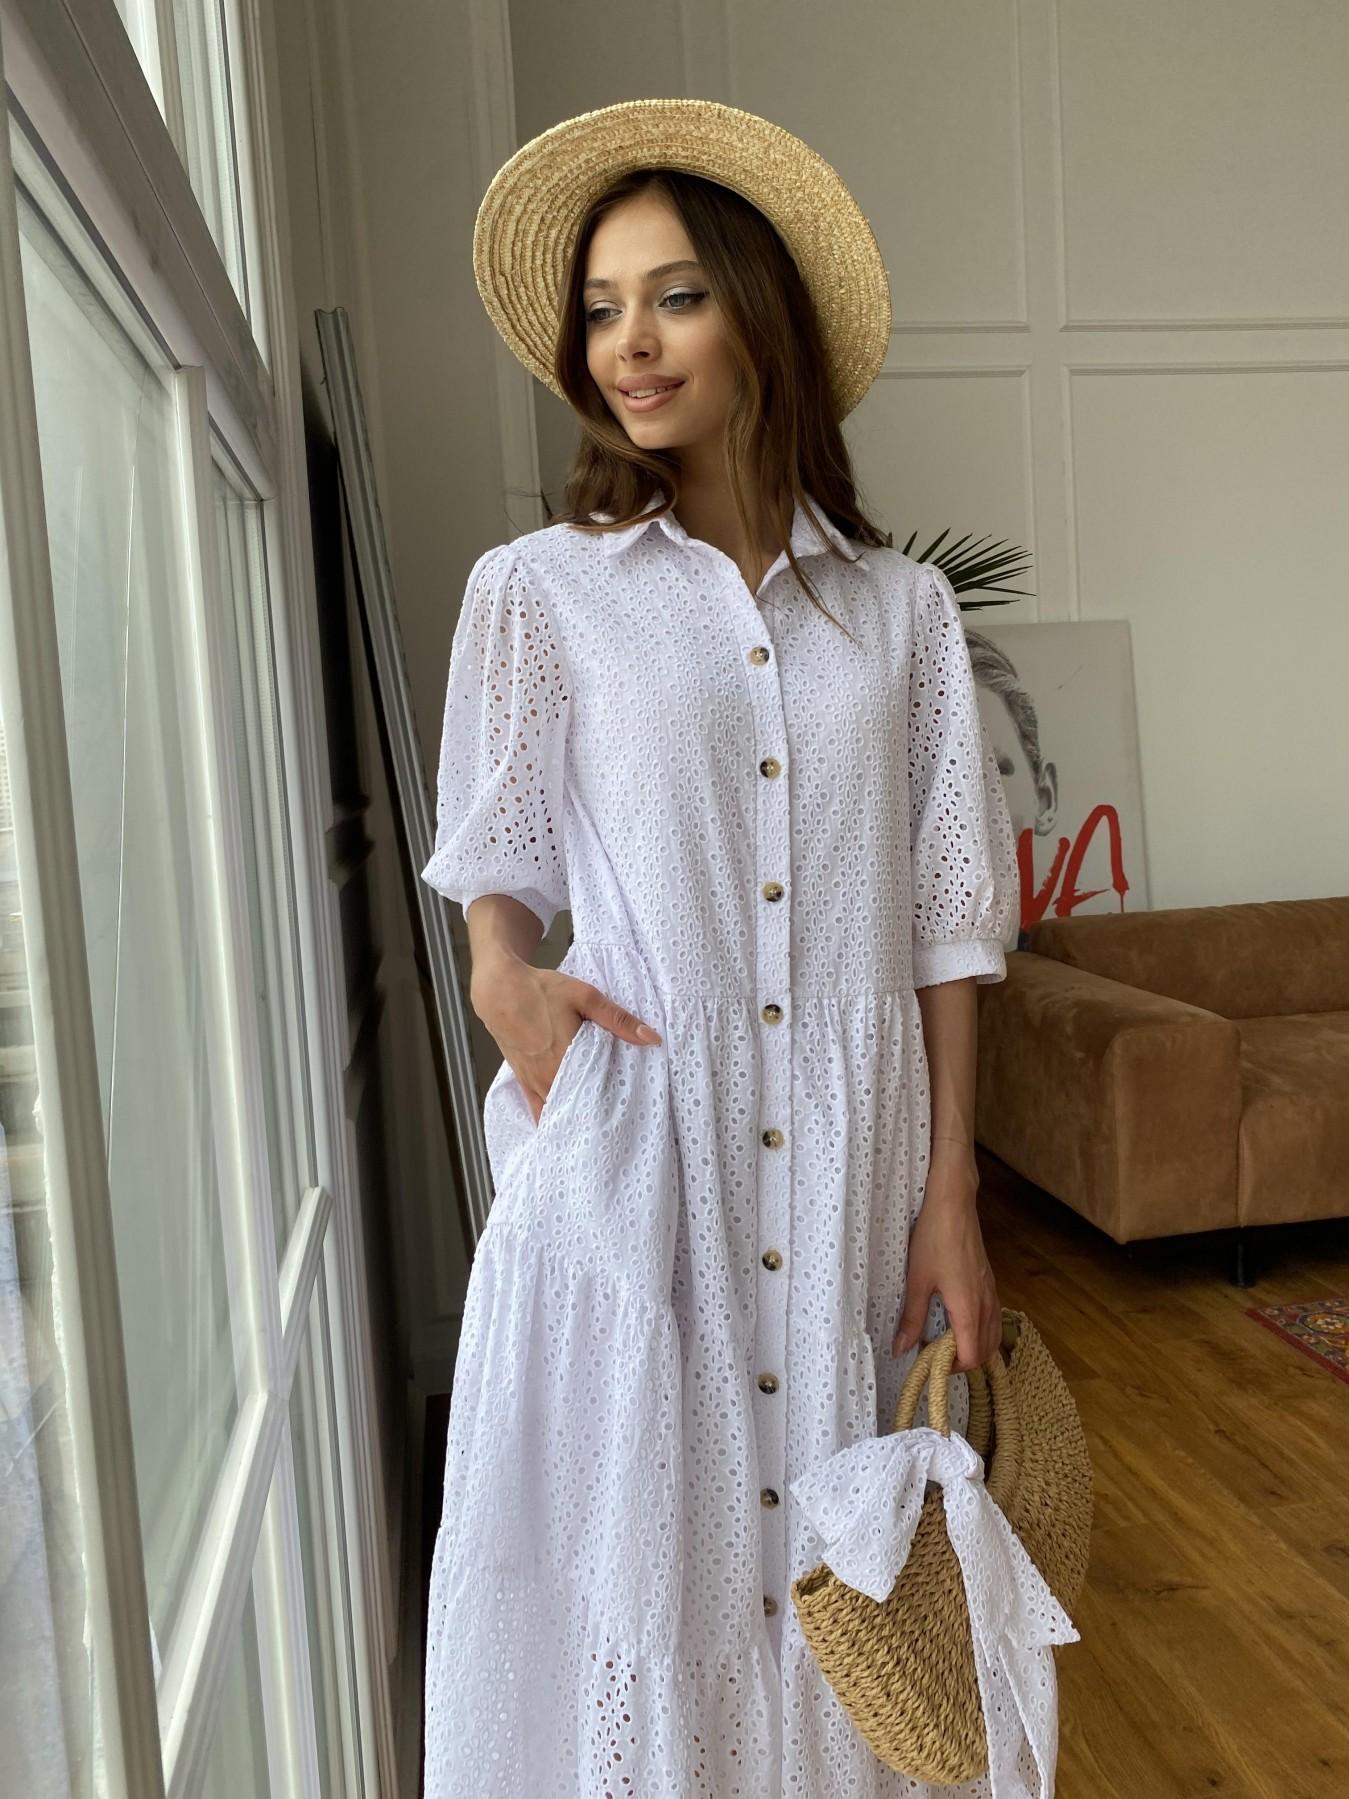 Коста Бланка платье с коротким рукавом из прошвы 11359 АРТ. 47966 Цвет: Белый/МелЦветПерфор - фото 2, интернет магазин tm-modus.ru